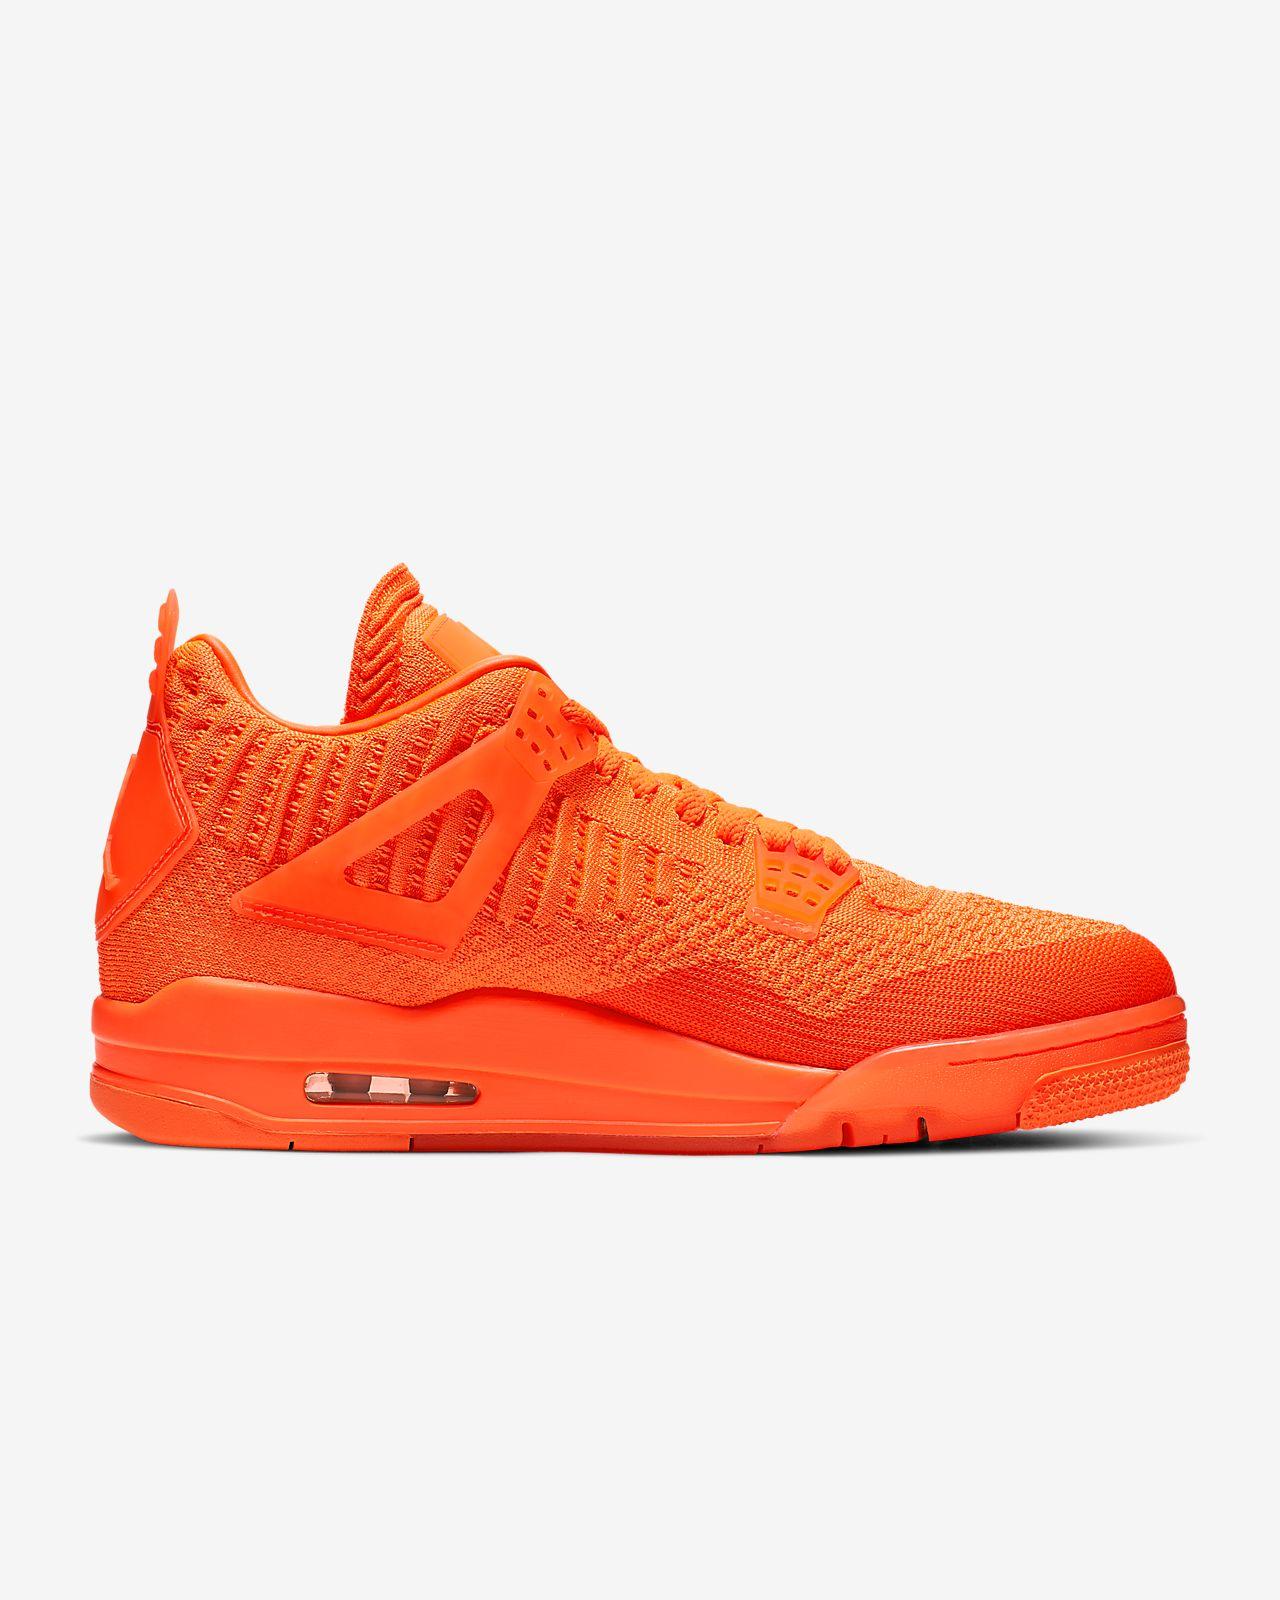 pas mal 93d83 f3eef Chaussure Air Jordan 4 Retro Flyknit pour Homme